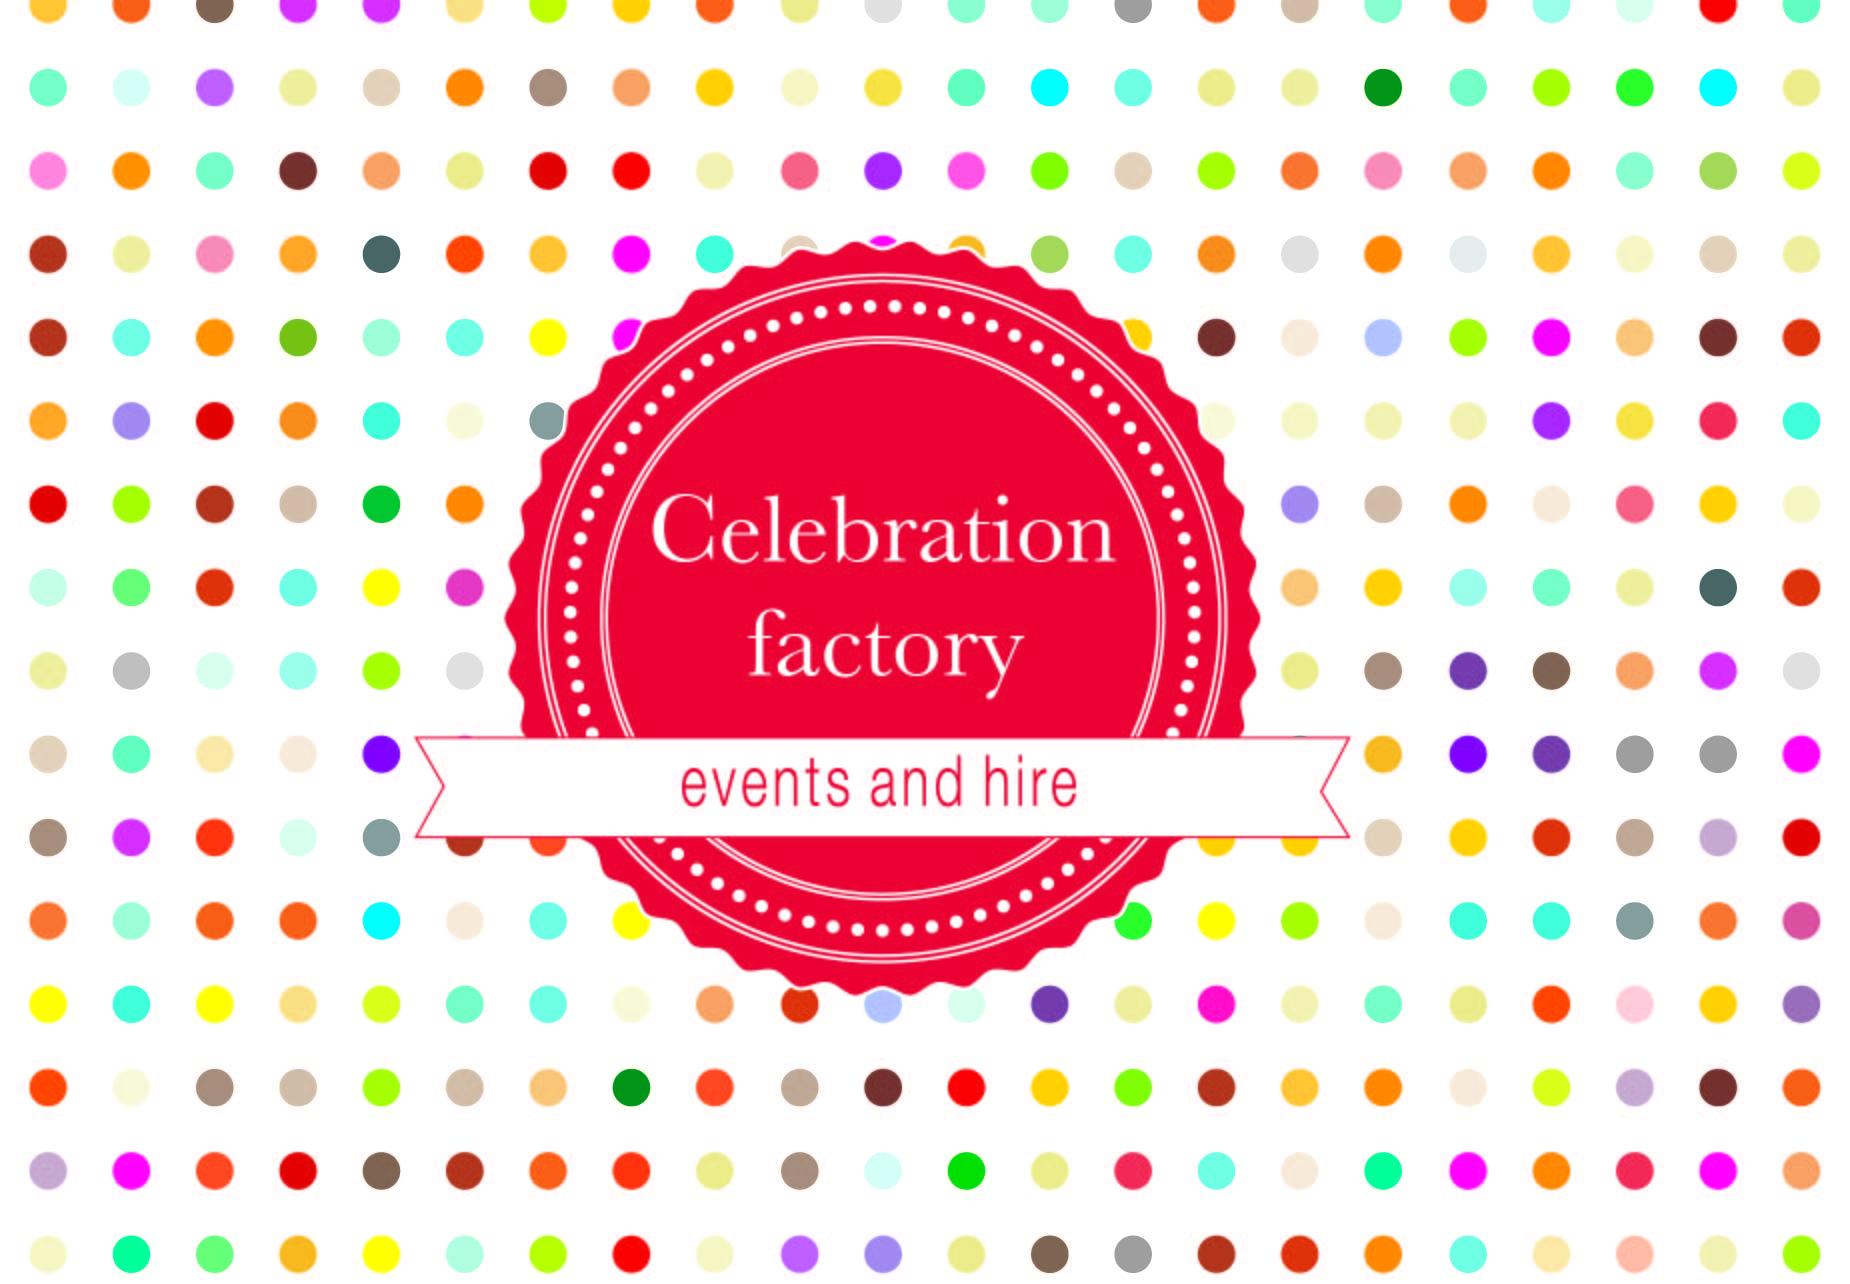 Celebration Factory